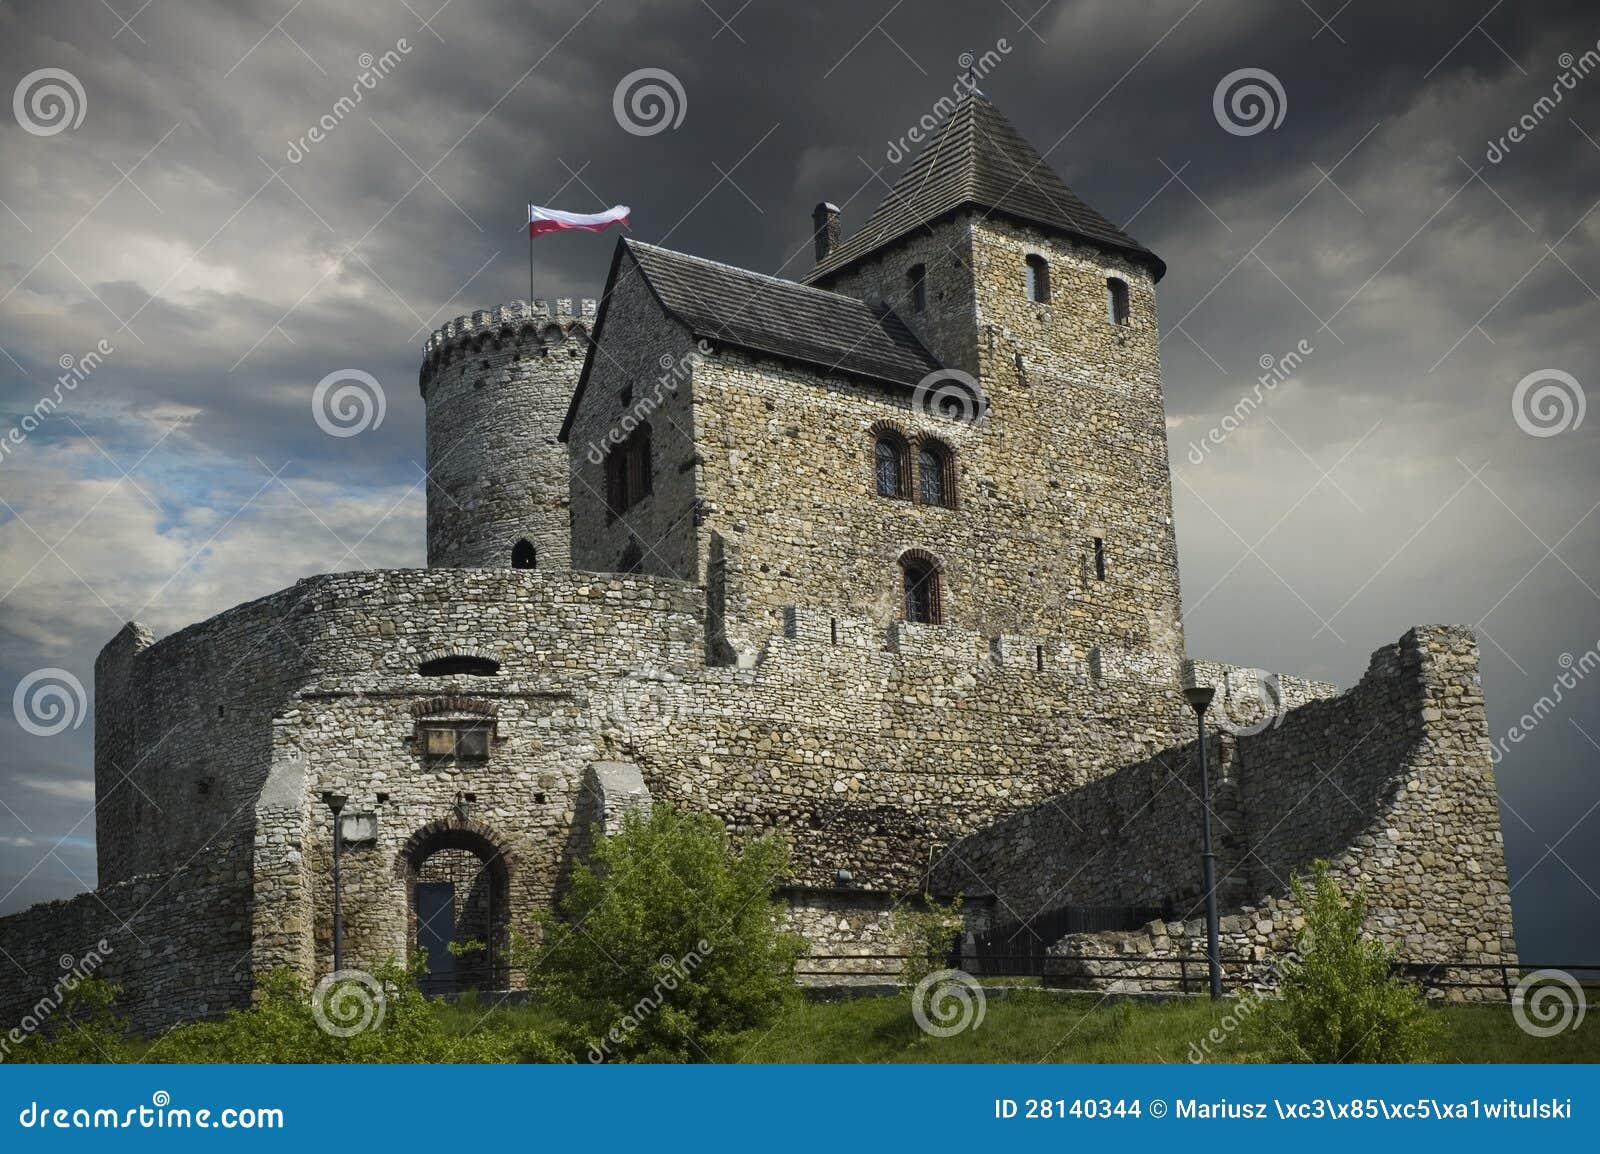 castle bedzin poland medieval - photo #19